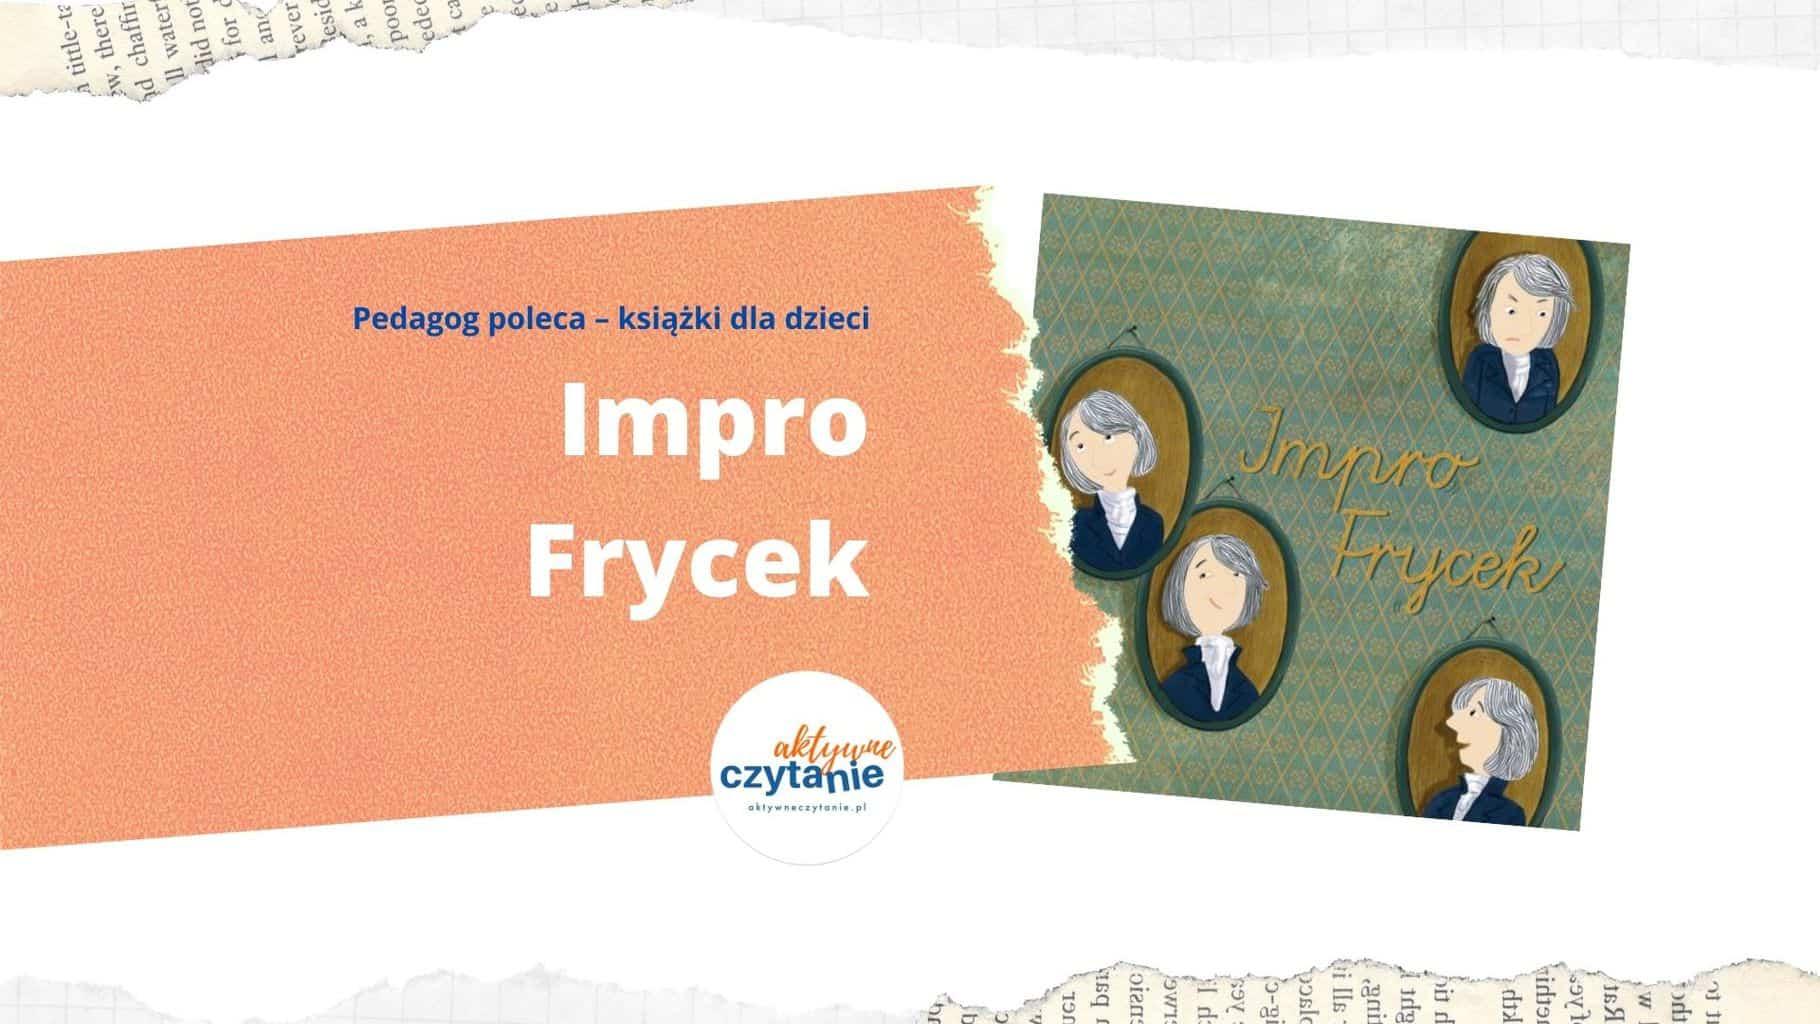 Impro Frycek